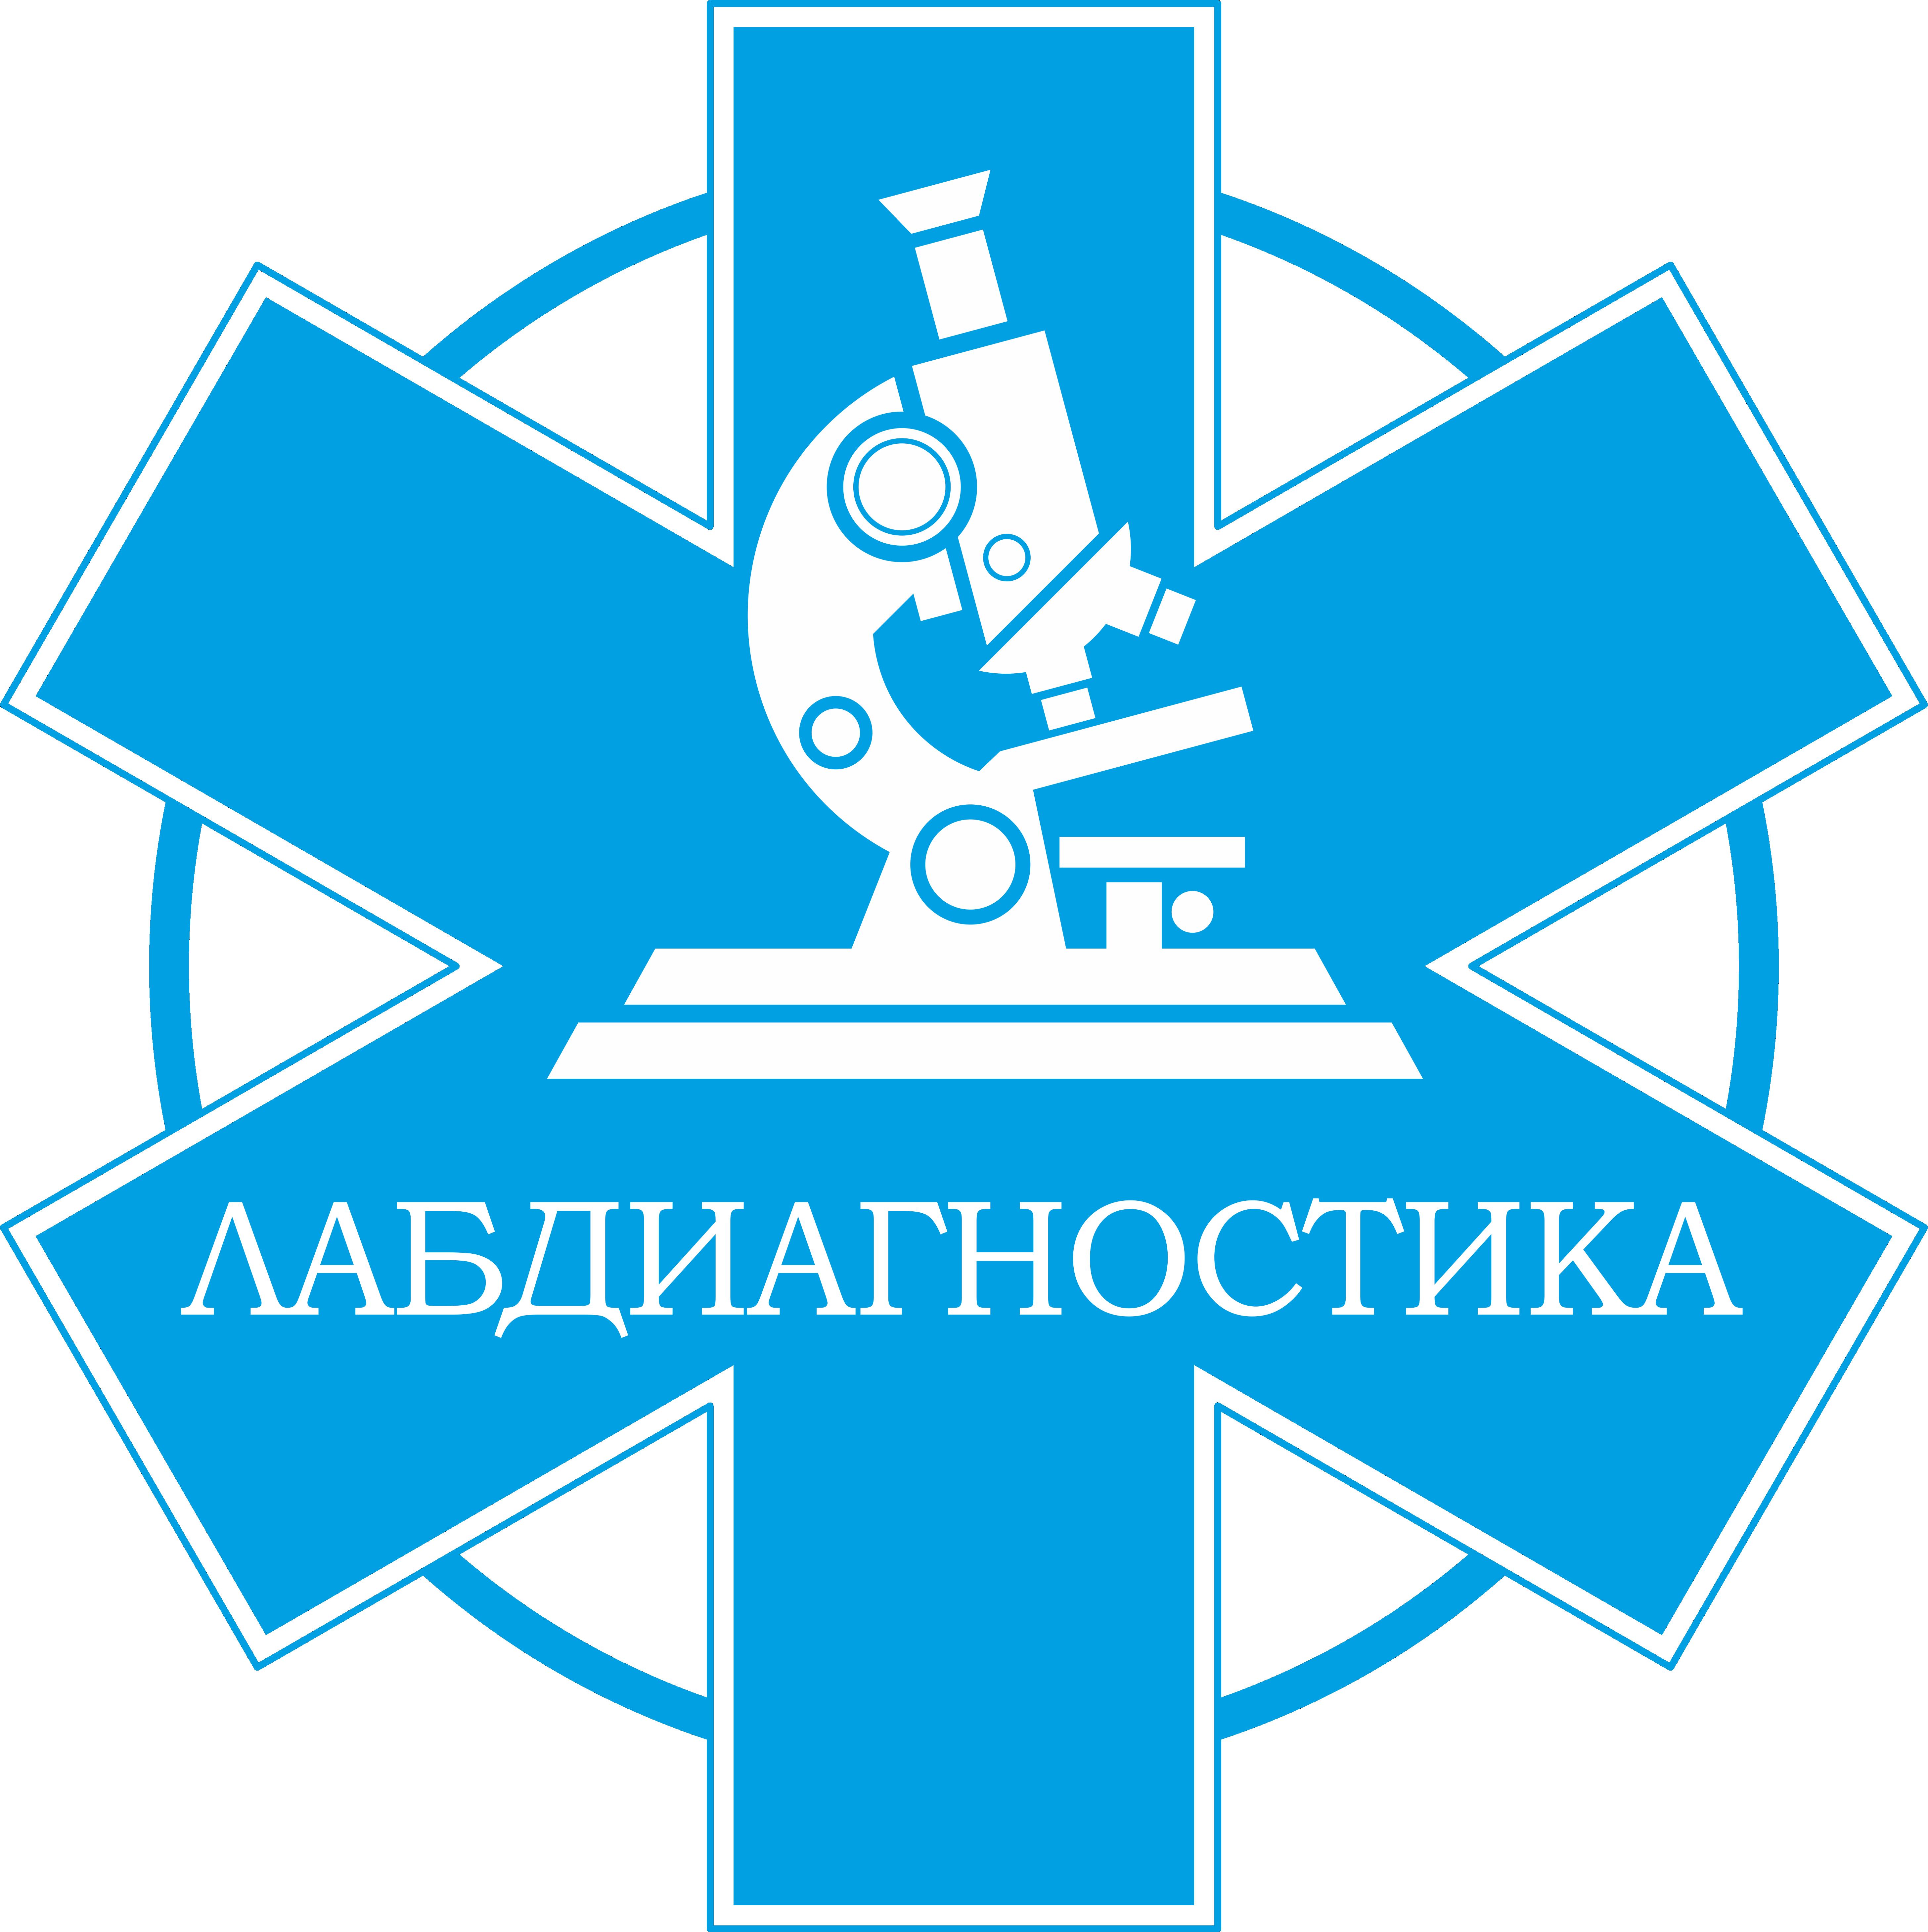 Лабдиагностика